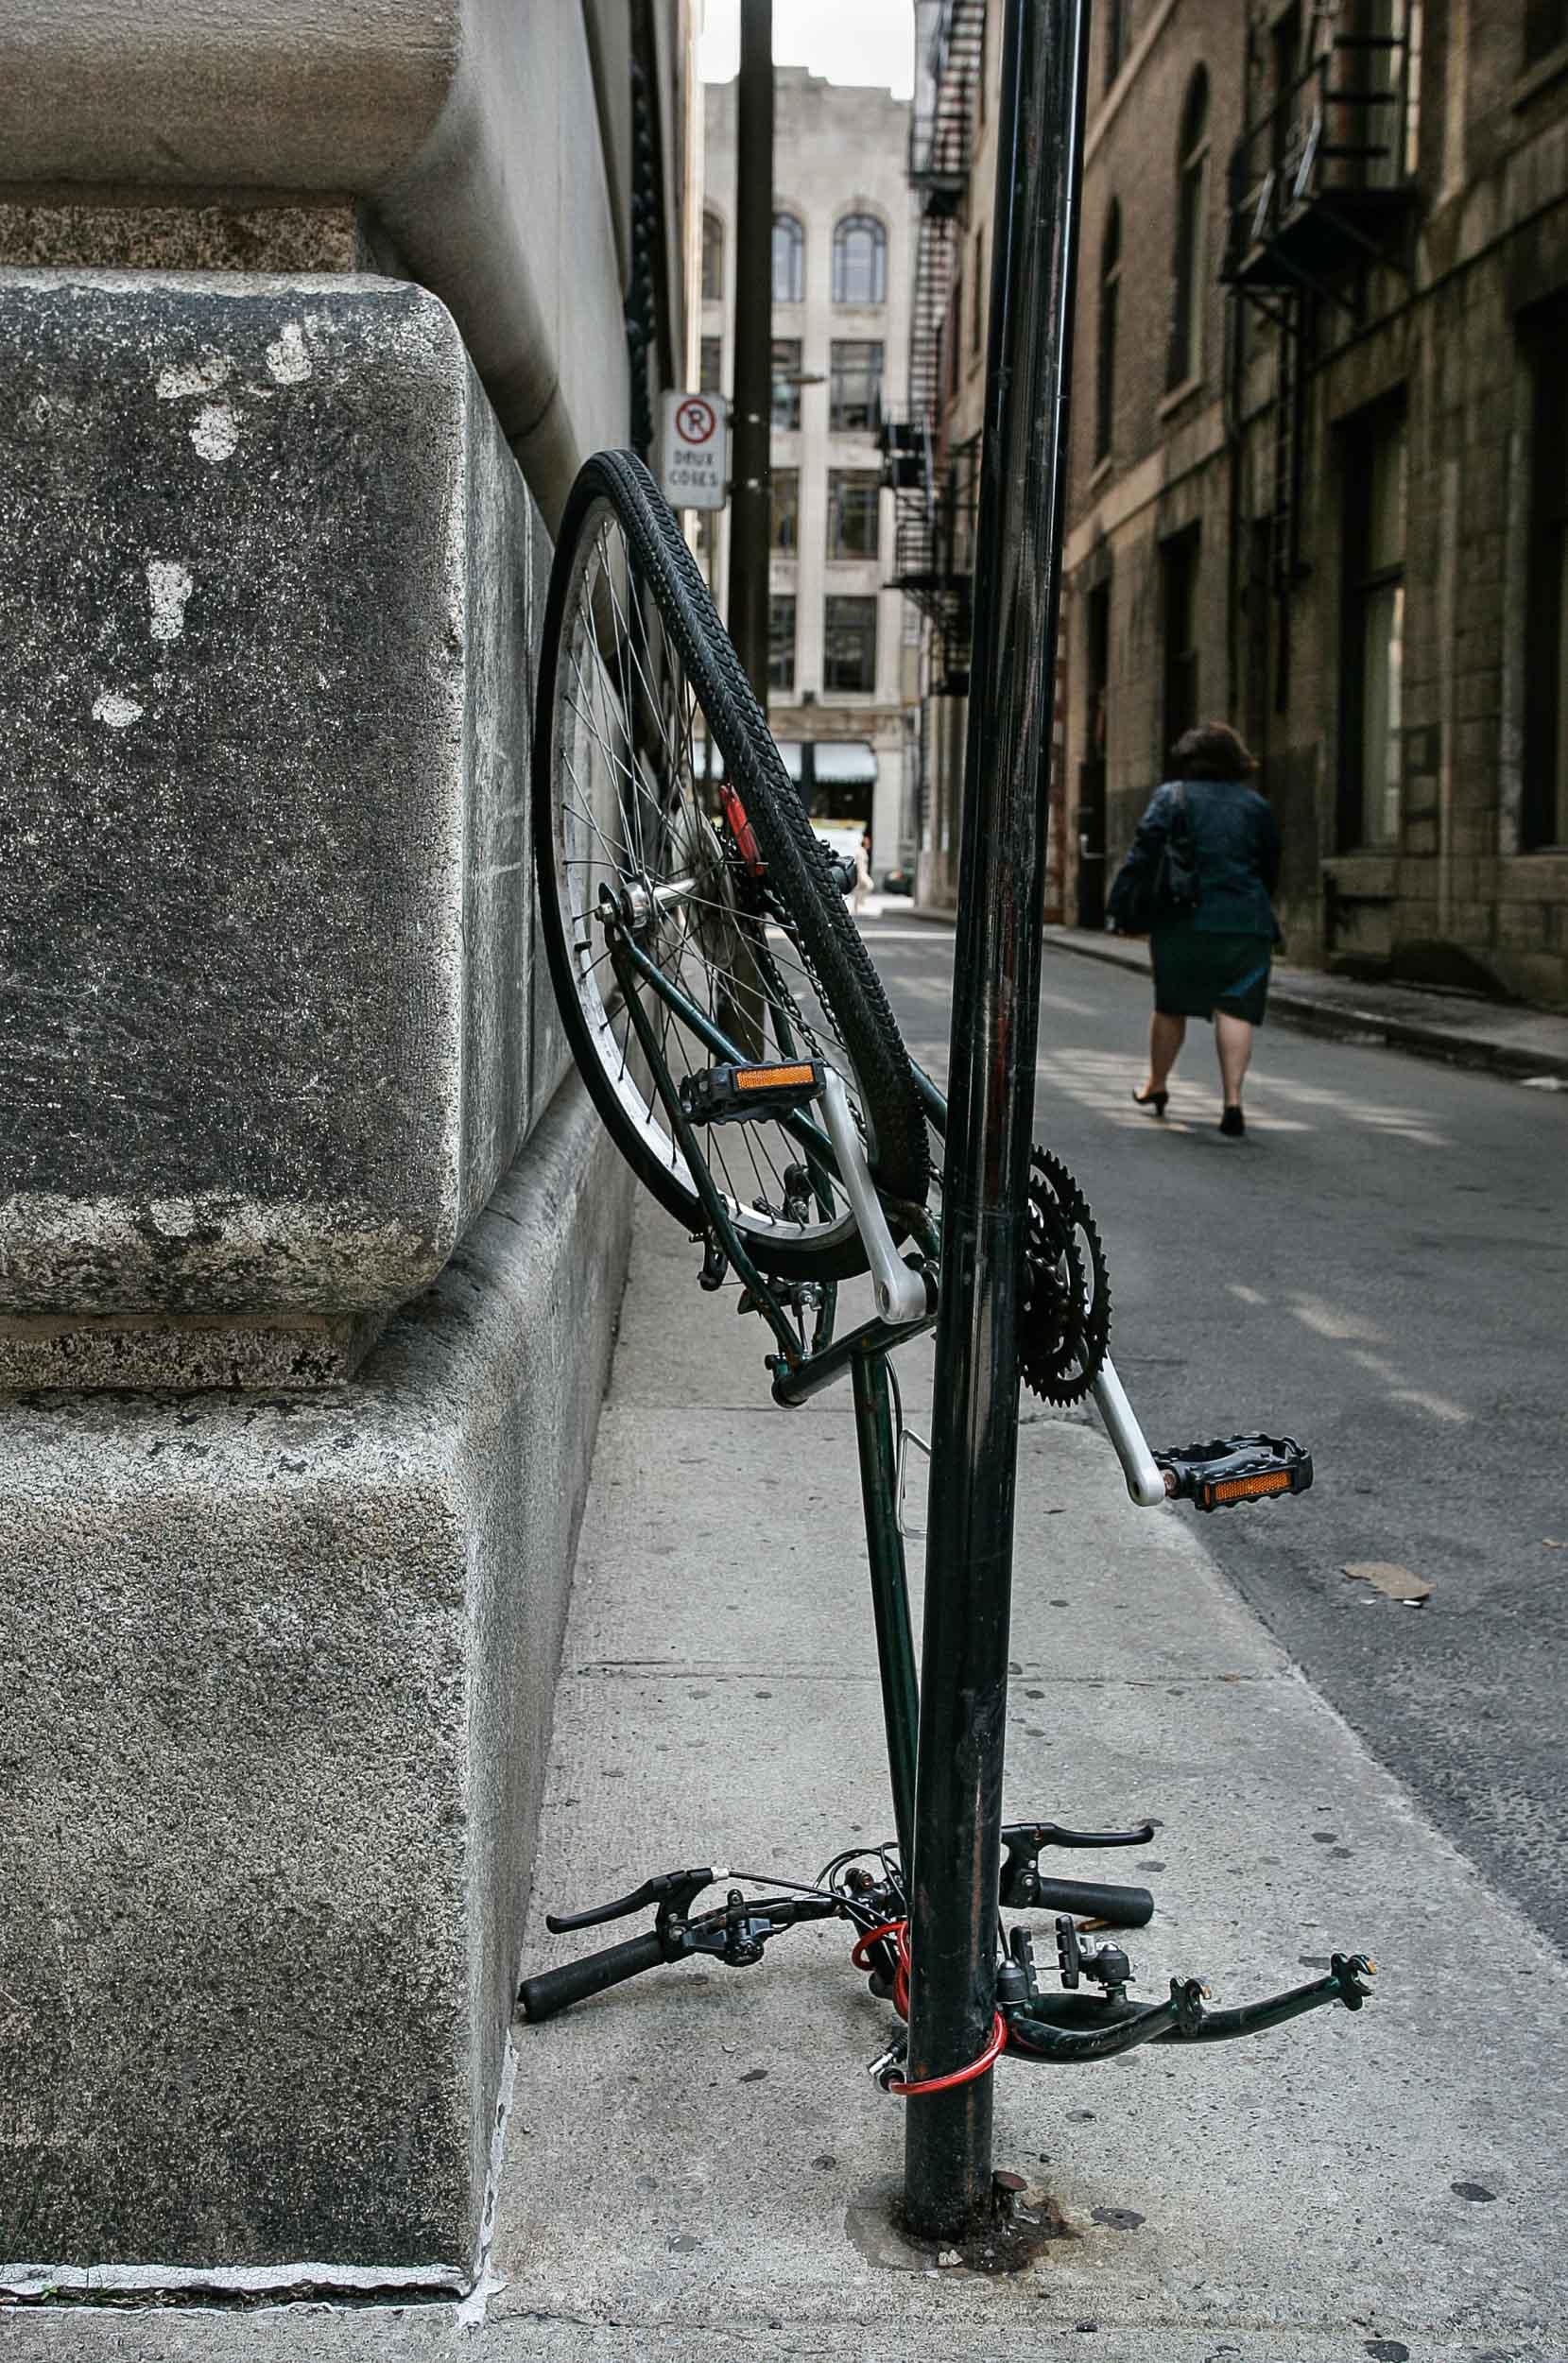 Dure, la vie de vélo à Montréal, souvent cadenassé à un poteau ou un arbre le temps d'un café qui s'allonge ou d'un verre en bonne compagnie, le temps vient changer la vie de cette bécanne en la transformant au fil des saison.PHOTO / NORMAND BLOUIN